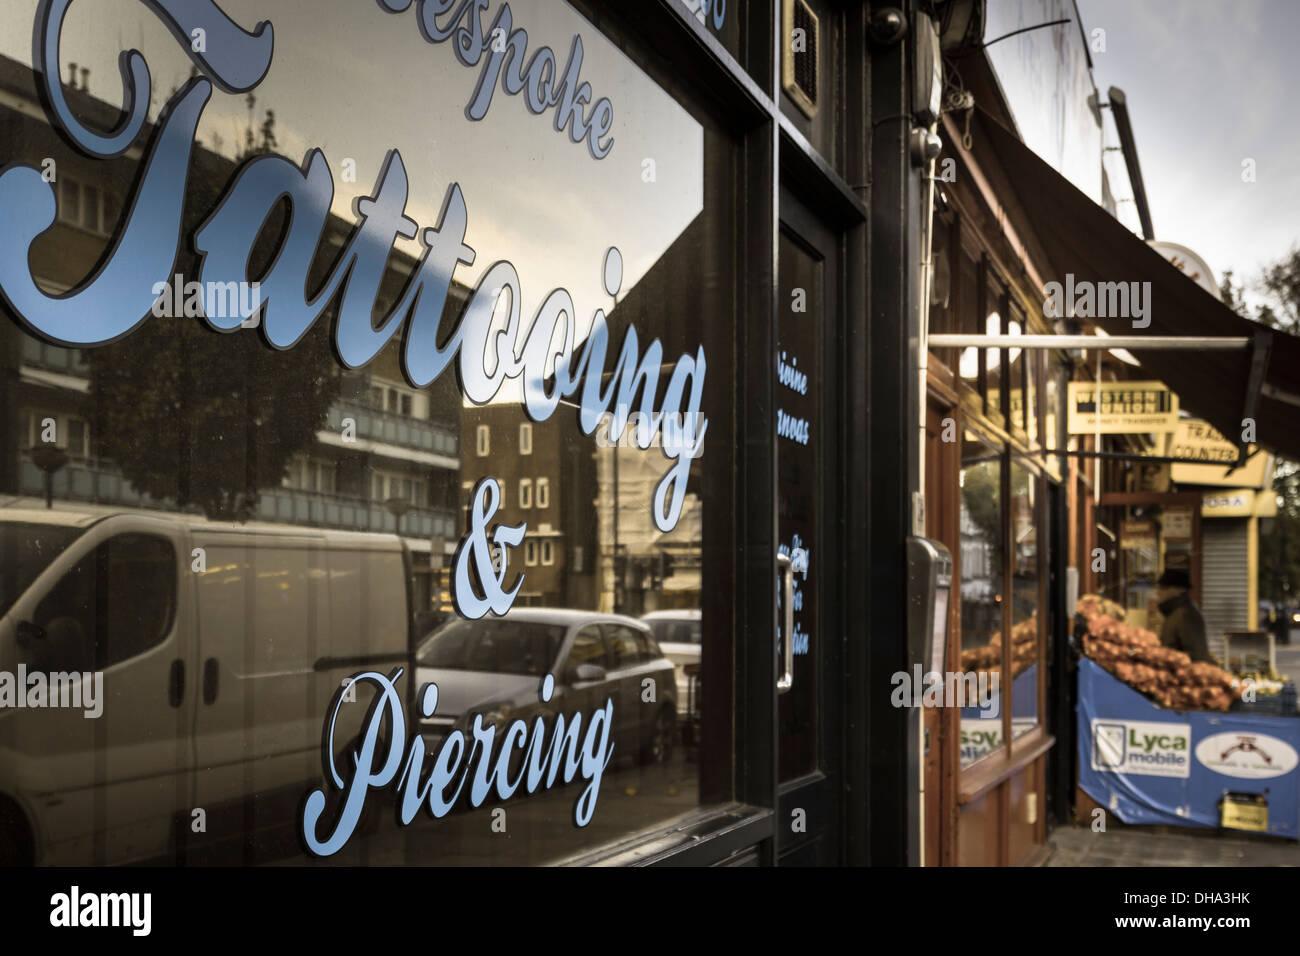 Boutique shop london stock photos boutique shop london for Tattoo shop hackney road